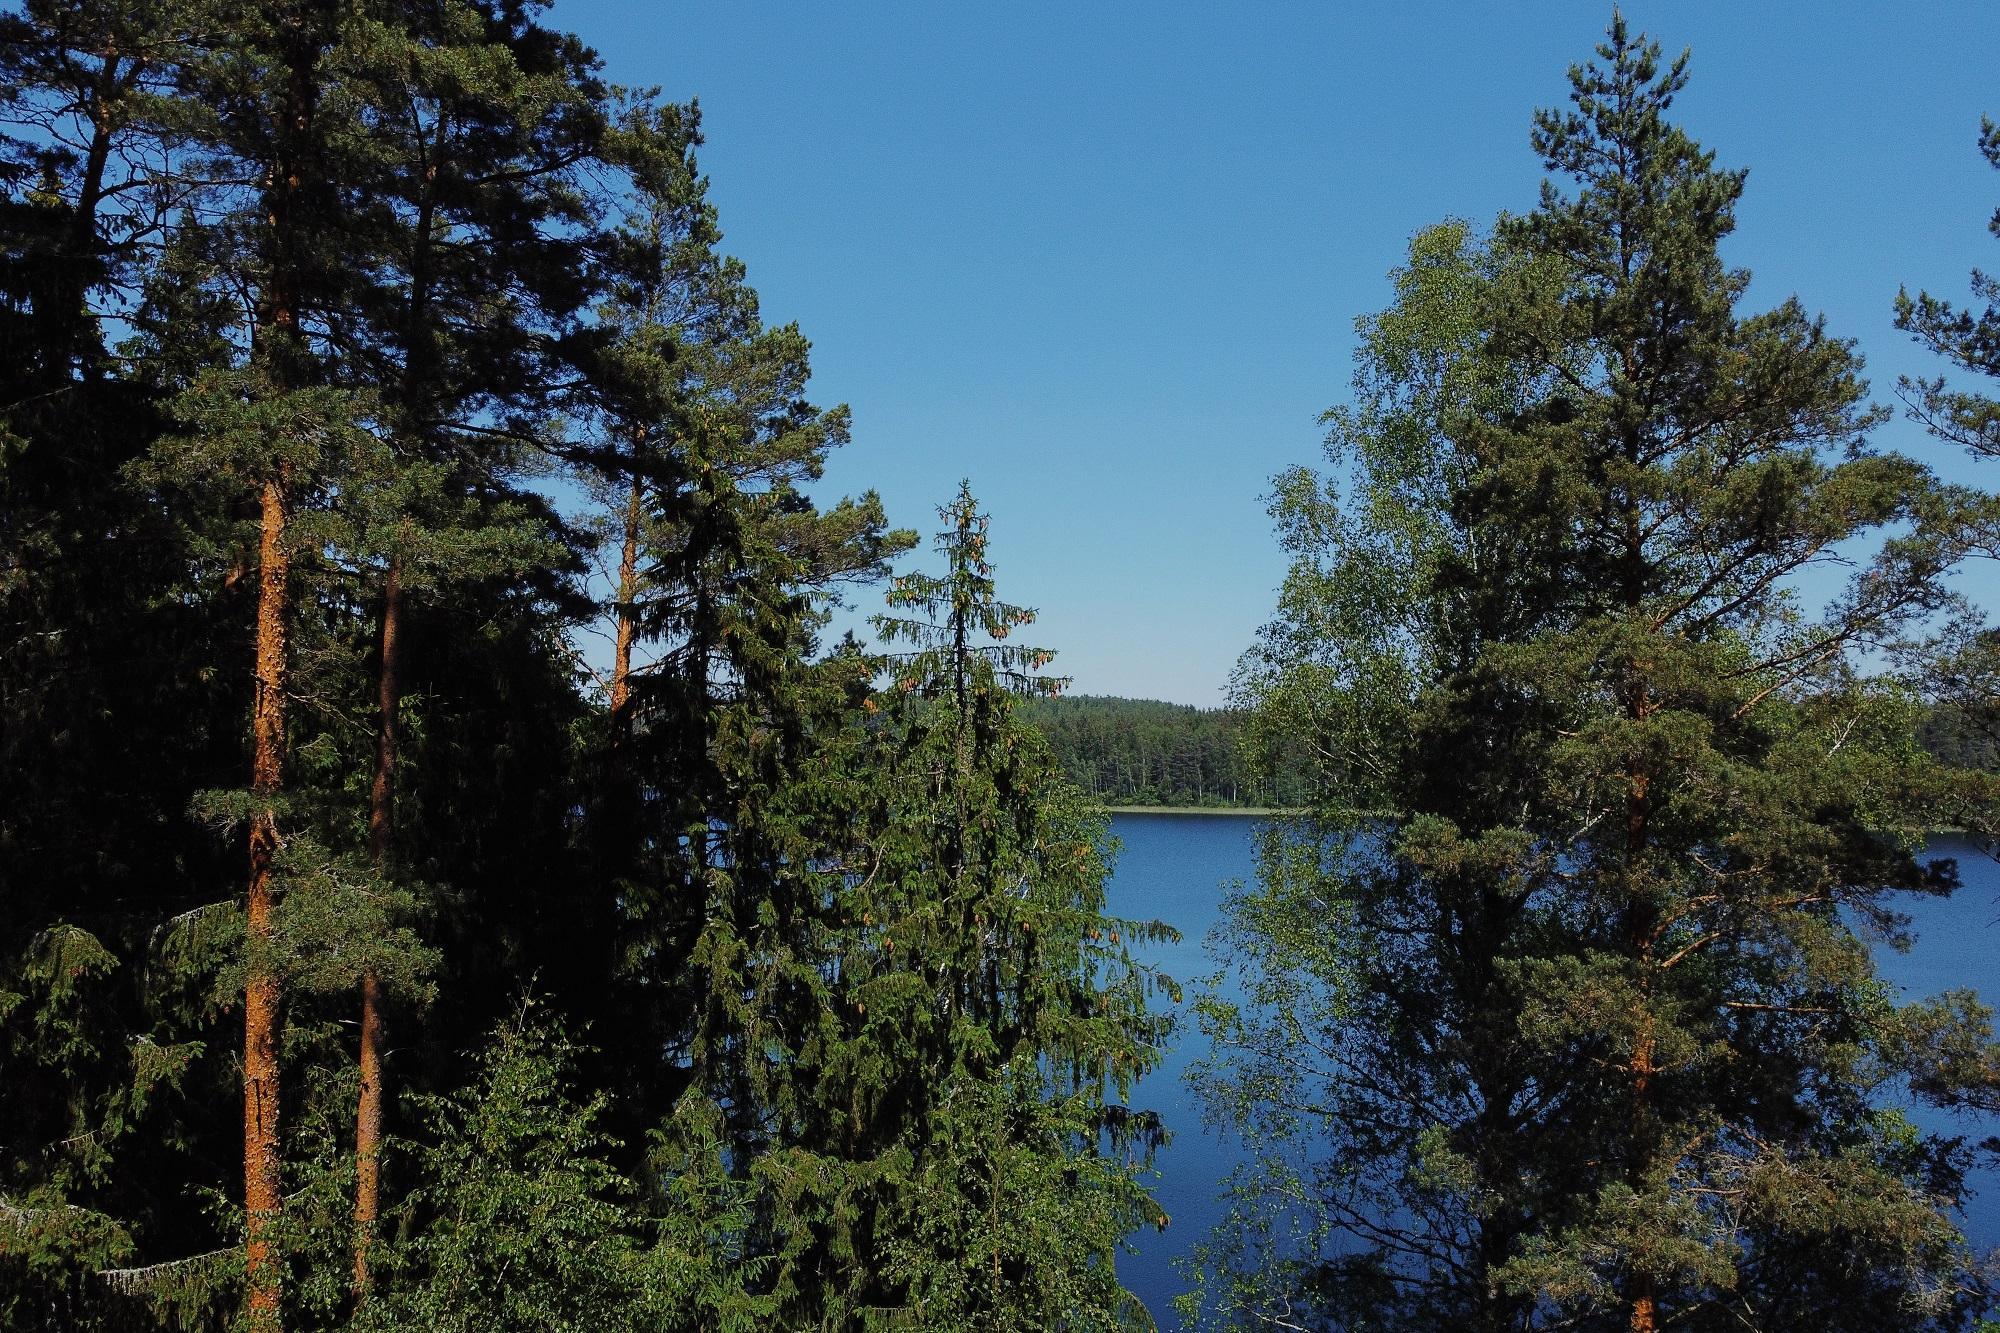 Голубые озера в 2021 году. Дикий наплыв туристов в эпоху пандемии